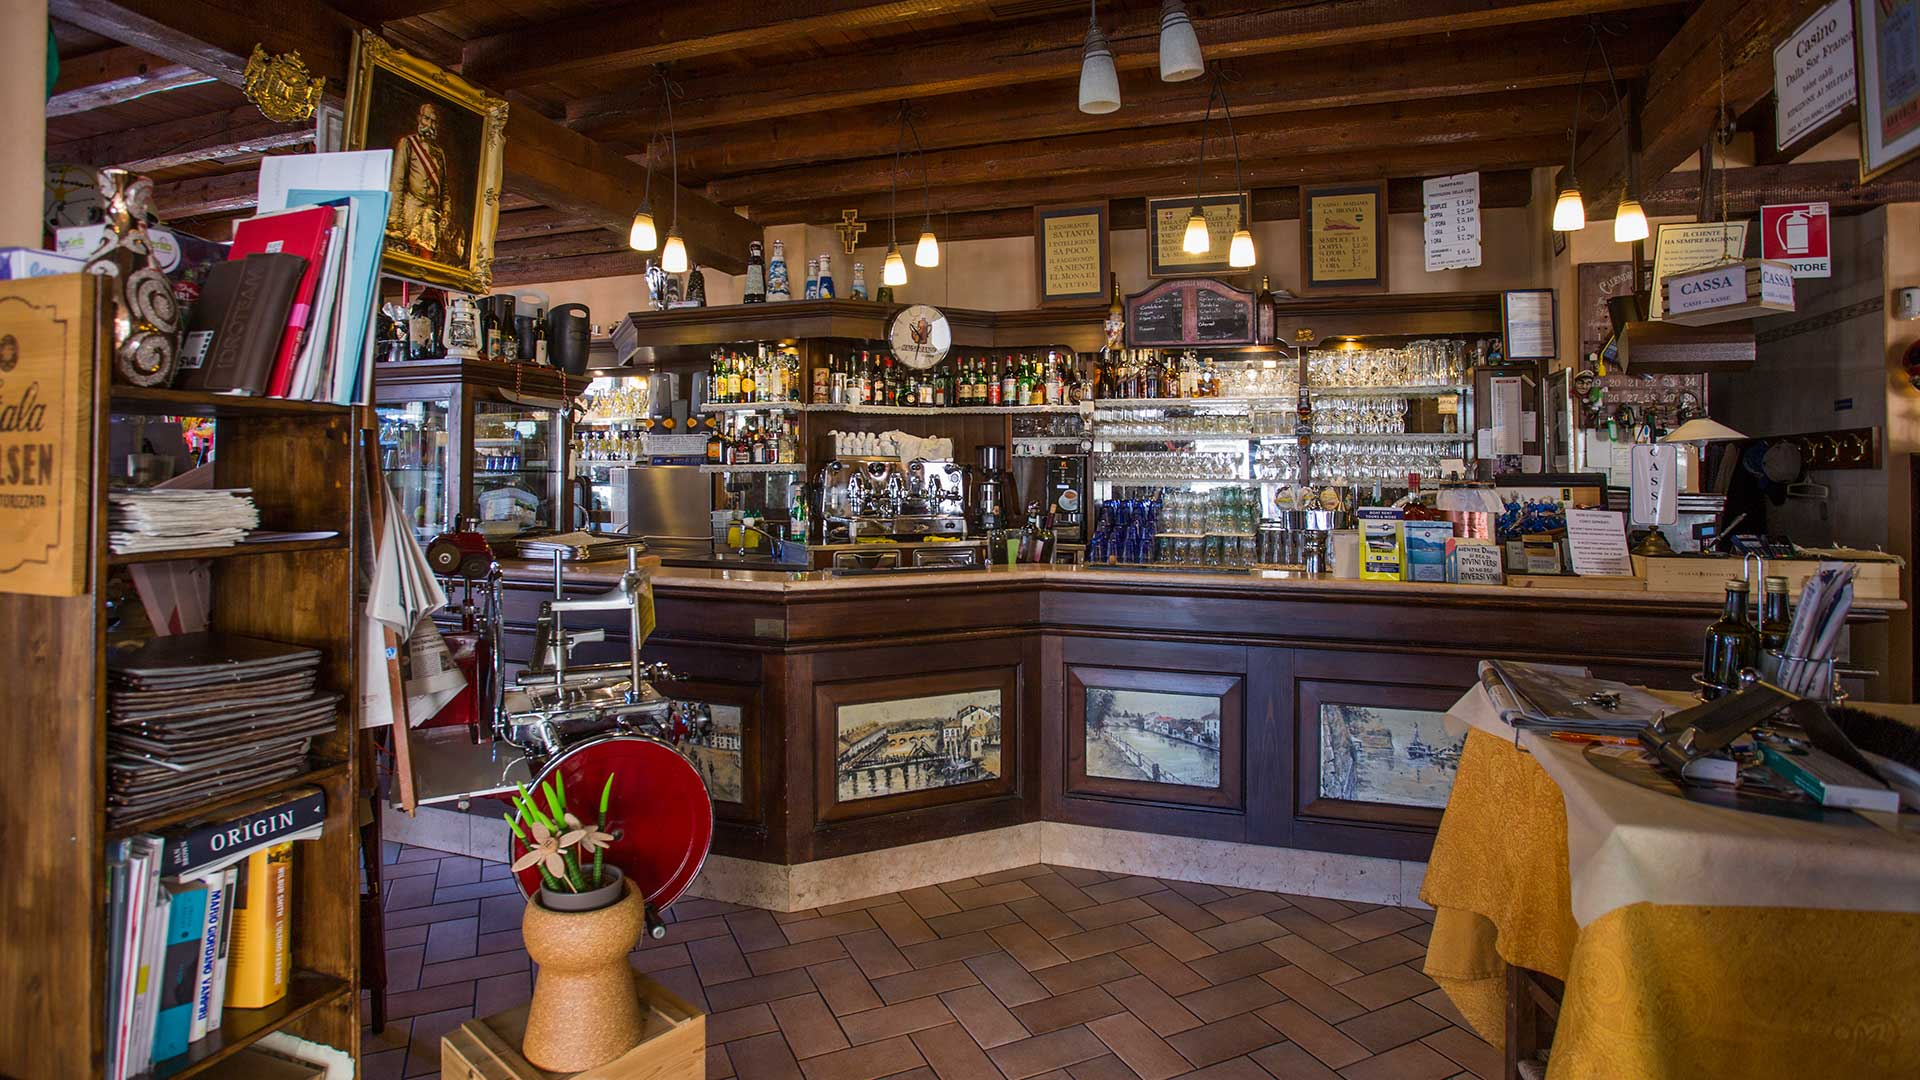 Pizzeria Peschiera del Garda - Al Canal